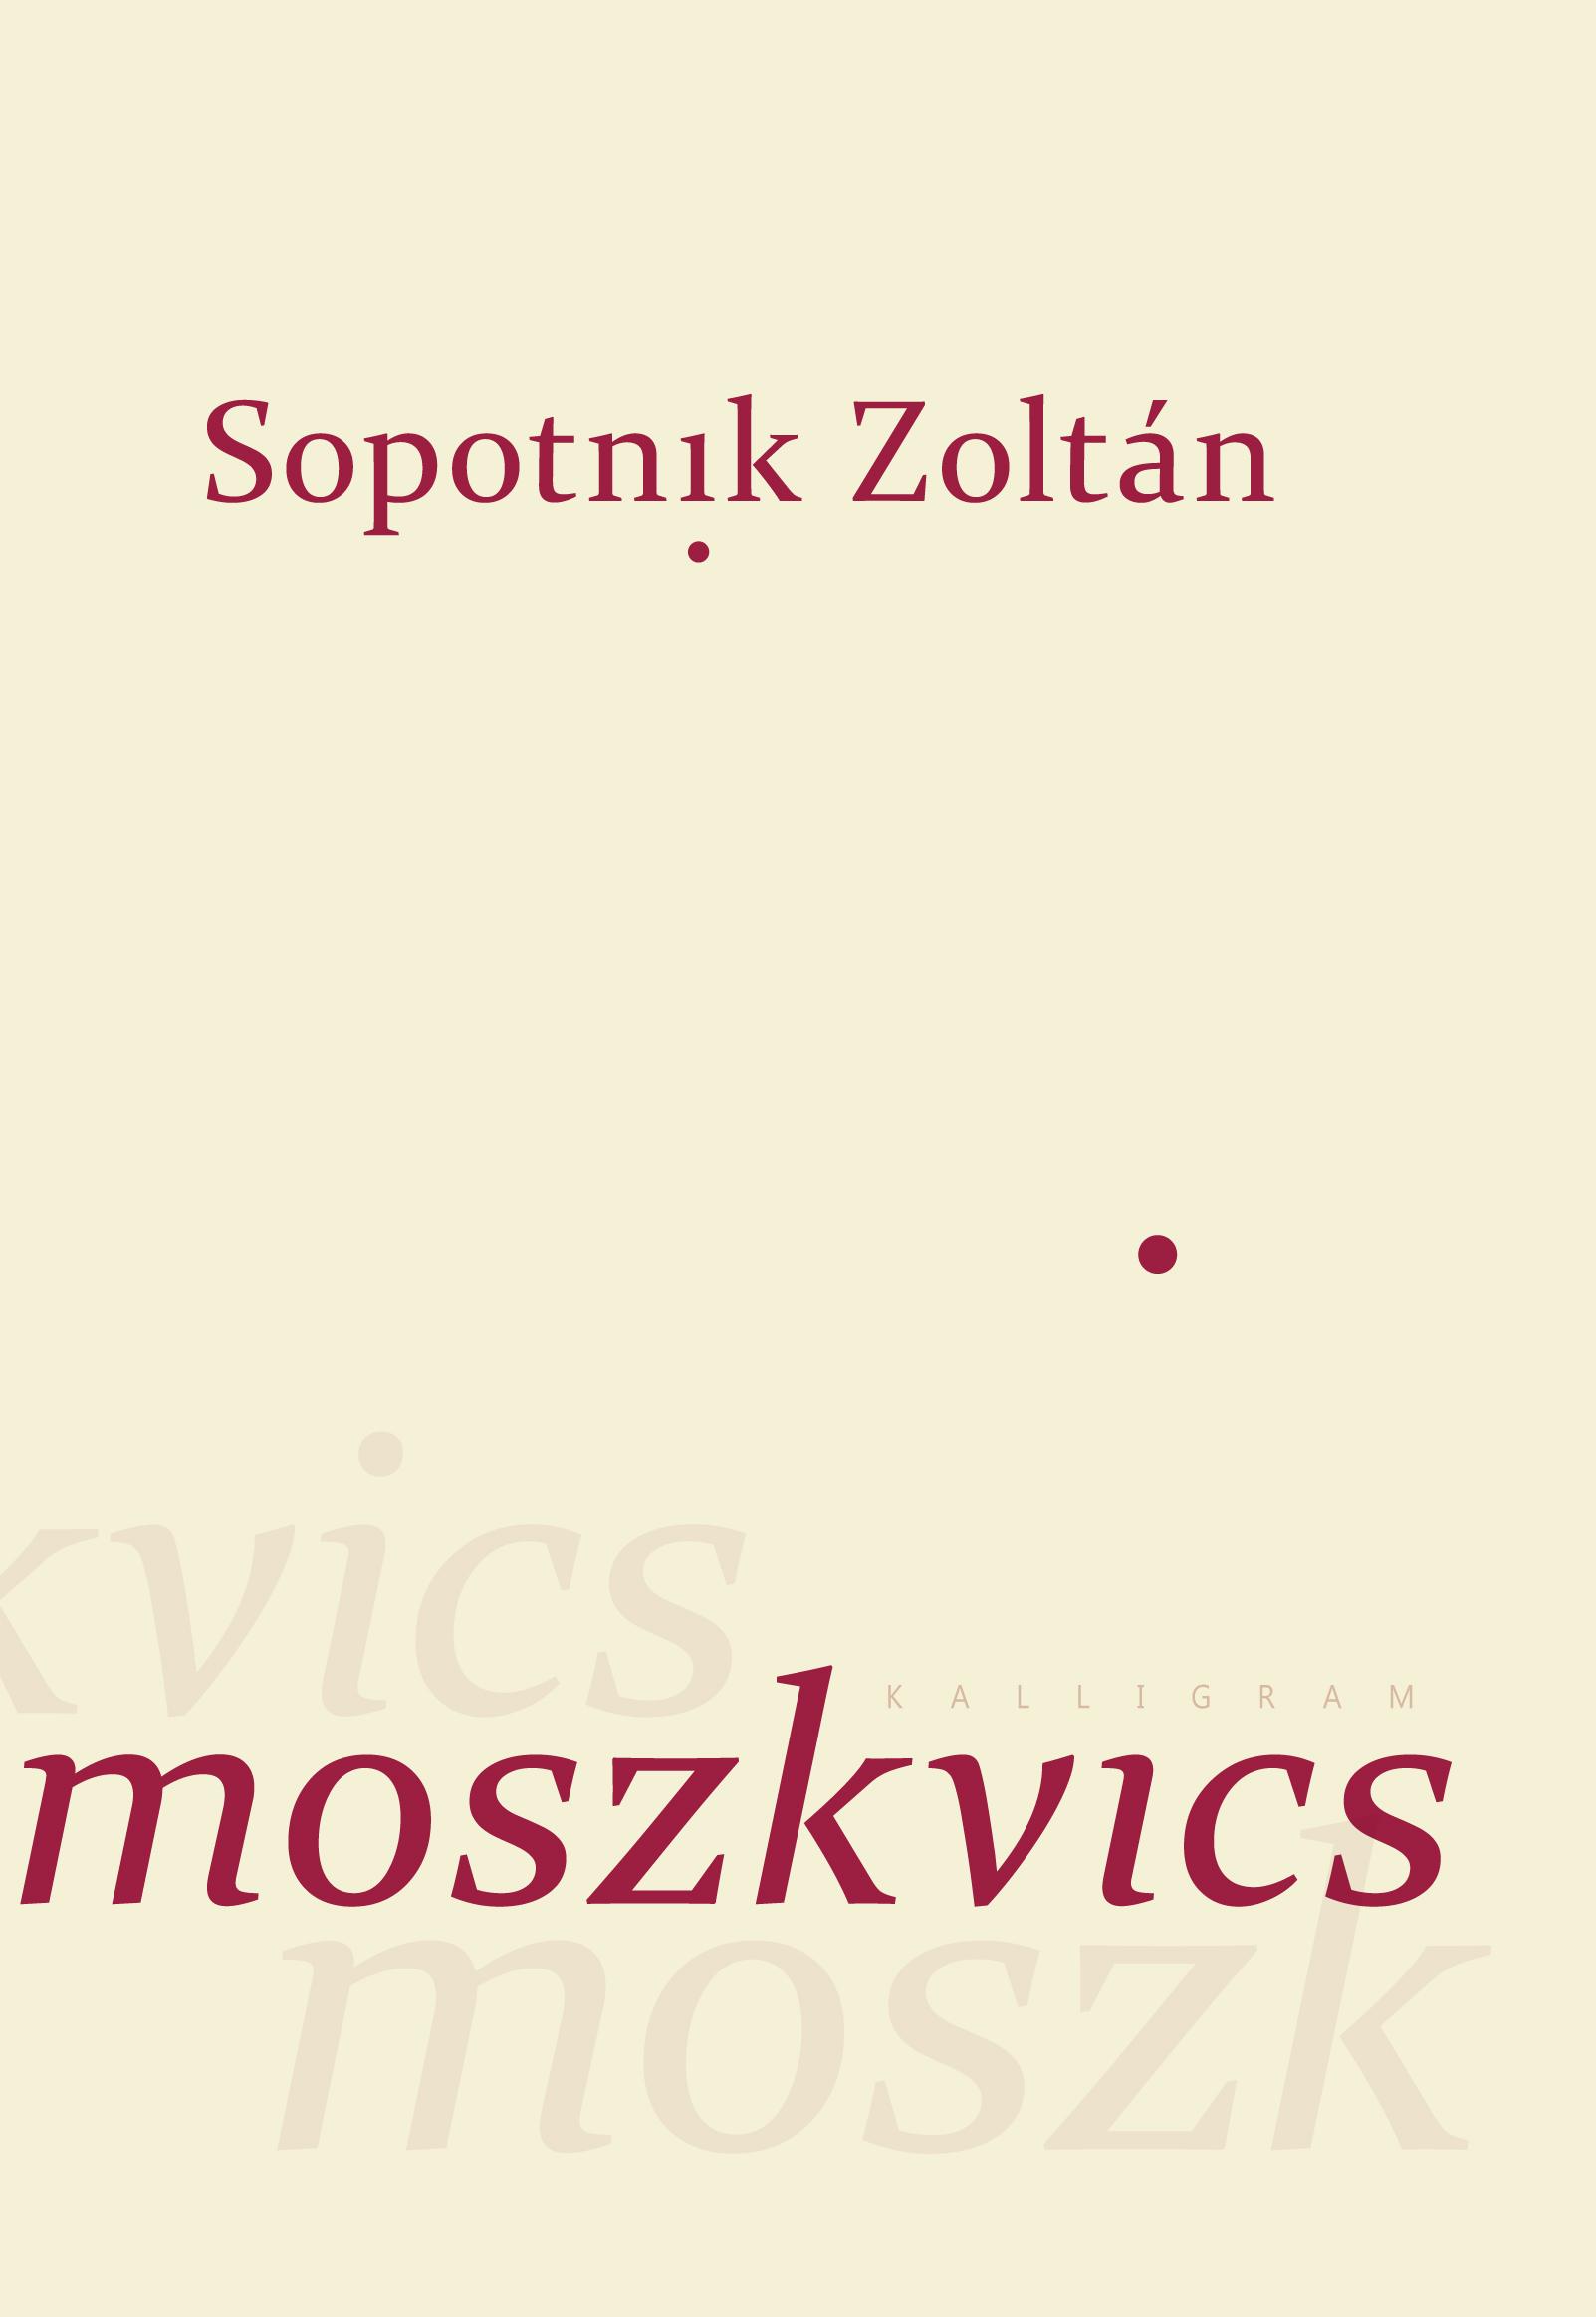 68771_sopotnikmoszkvics